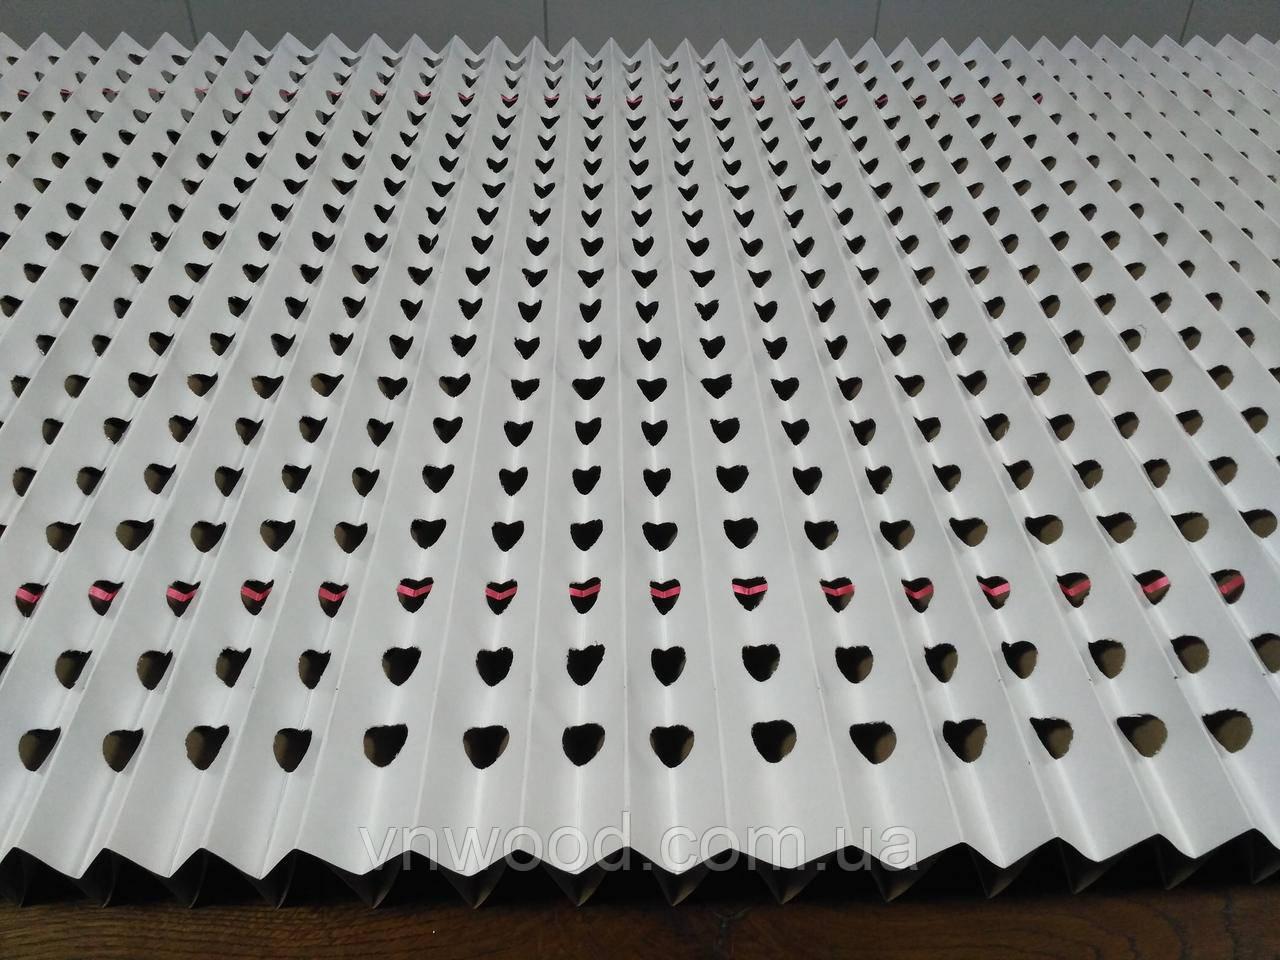 Гофровані картонні фільтри для фарбувальної камери (1x10м, 0.9х11.1м, 0.75х13.3м)